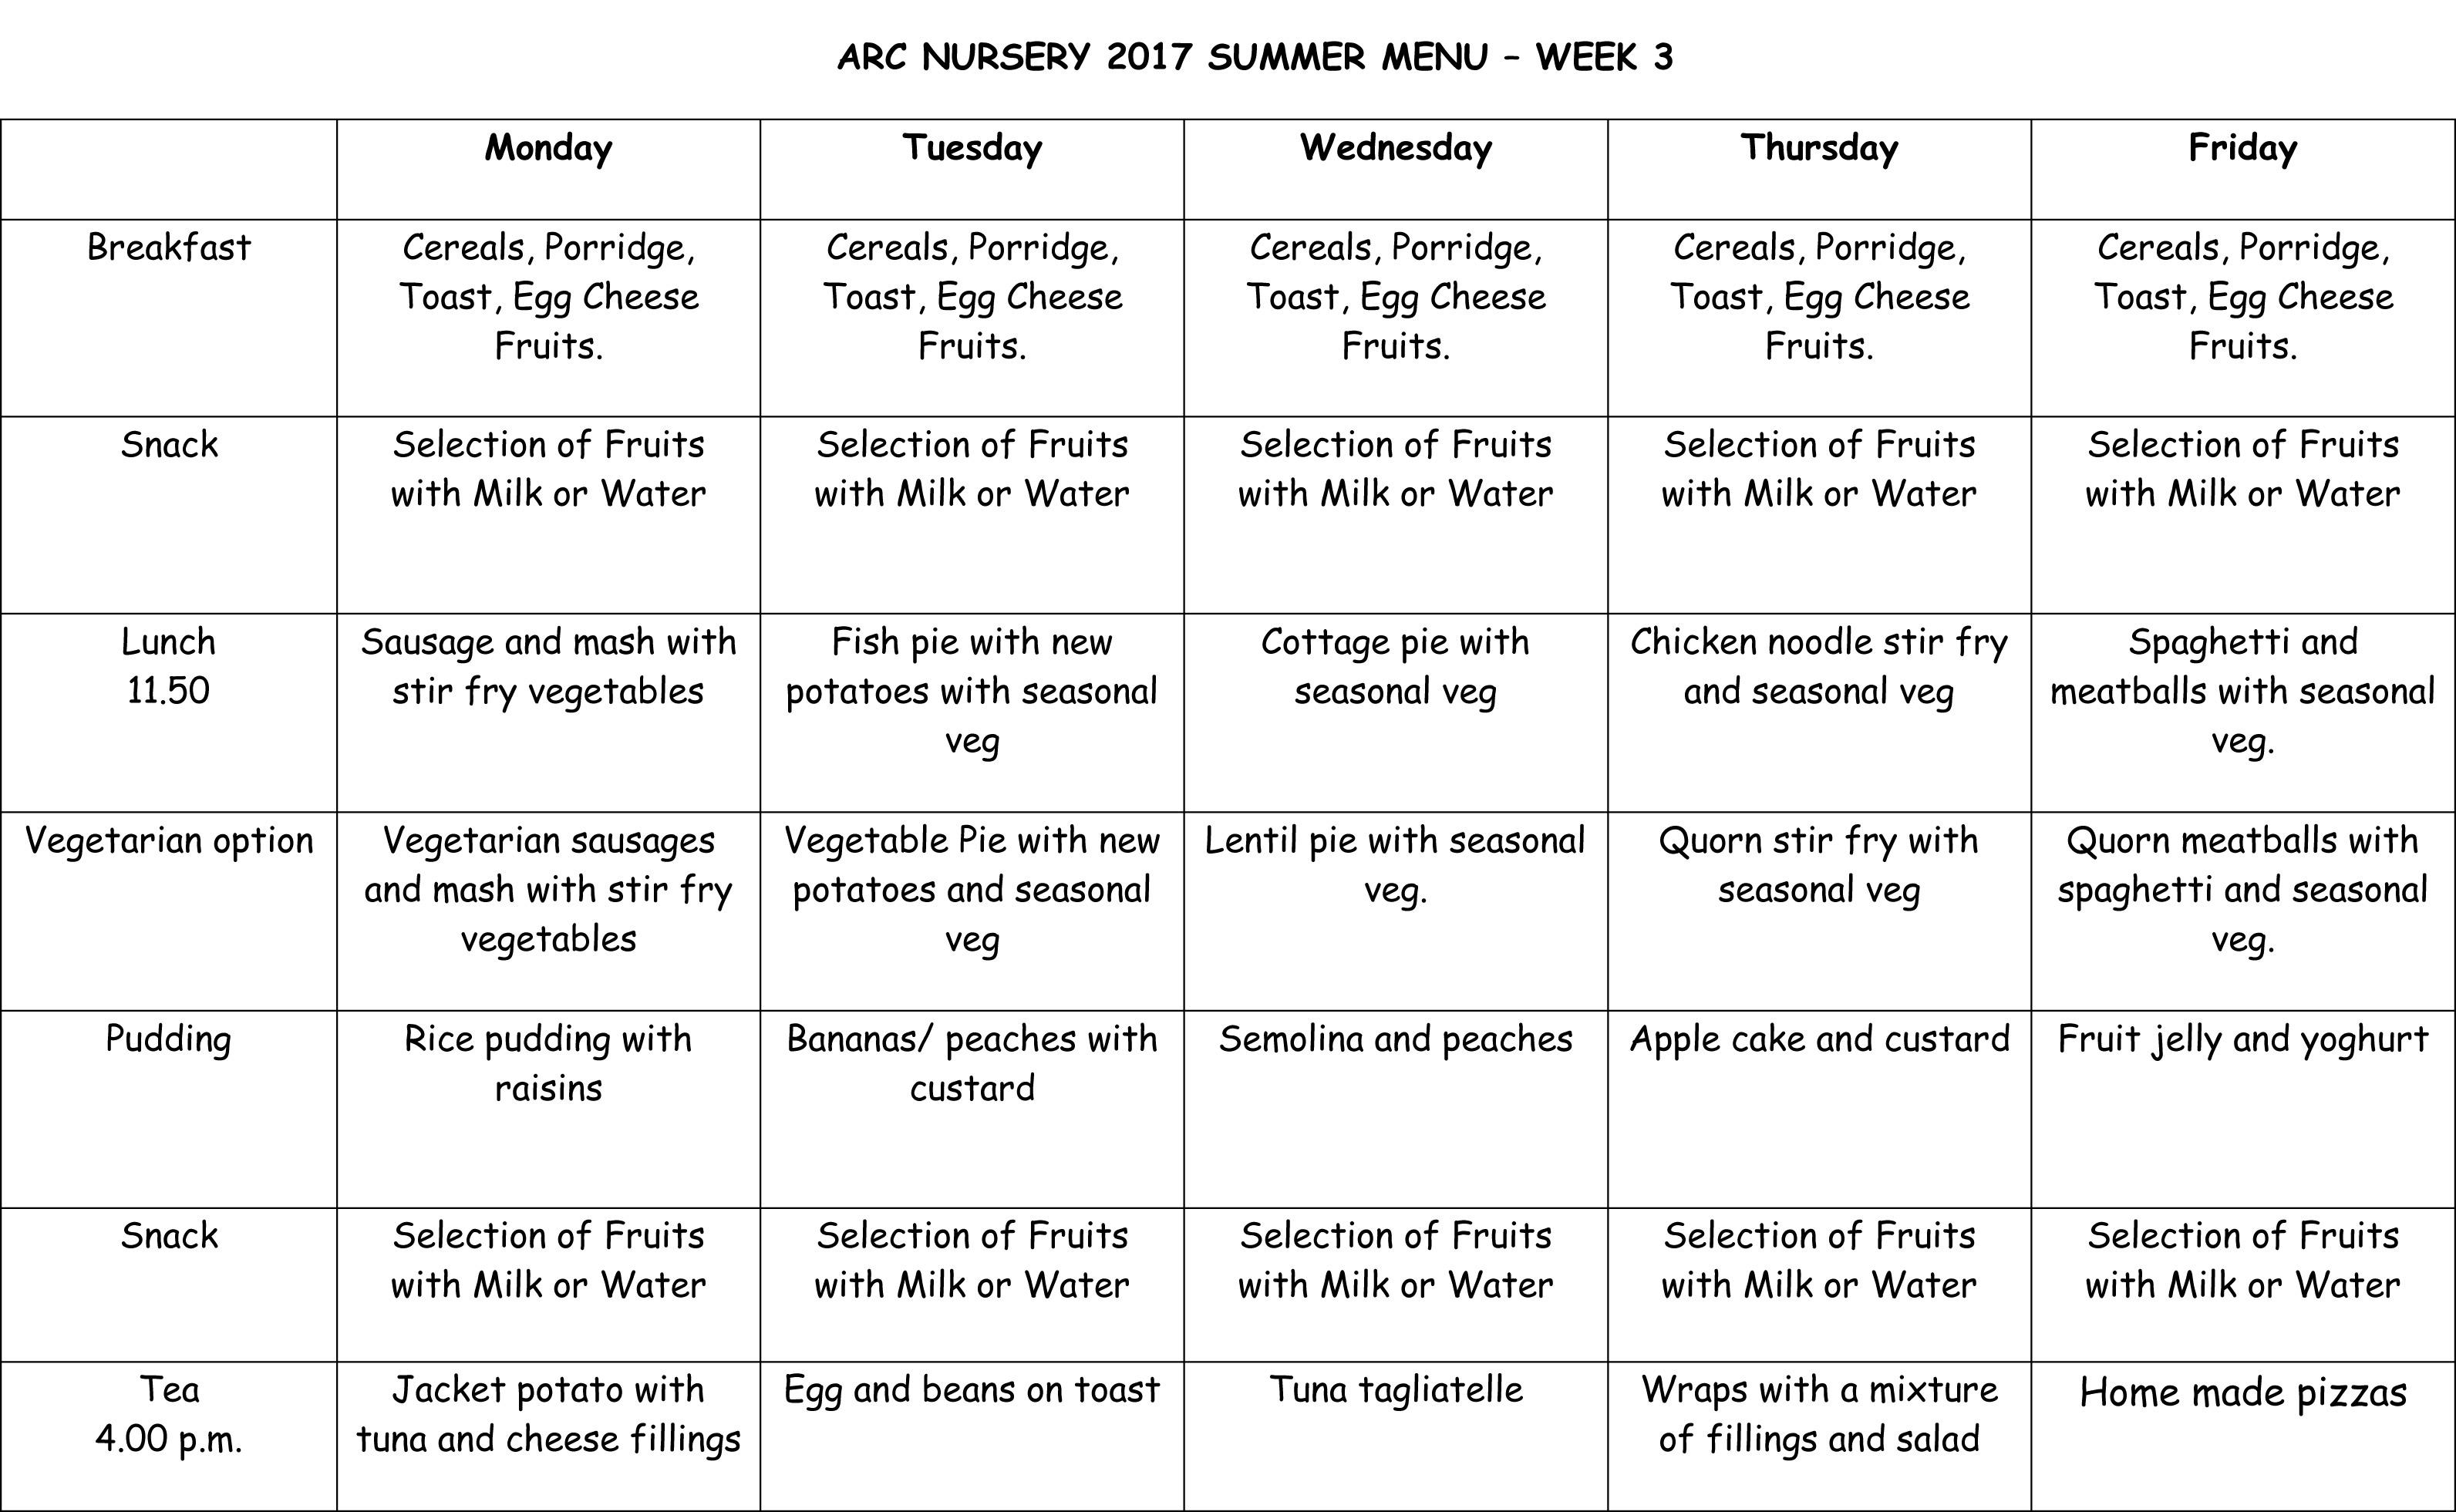 Arc Nursery 2017 Summer Menu - Week 3